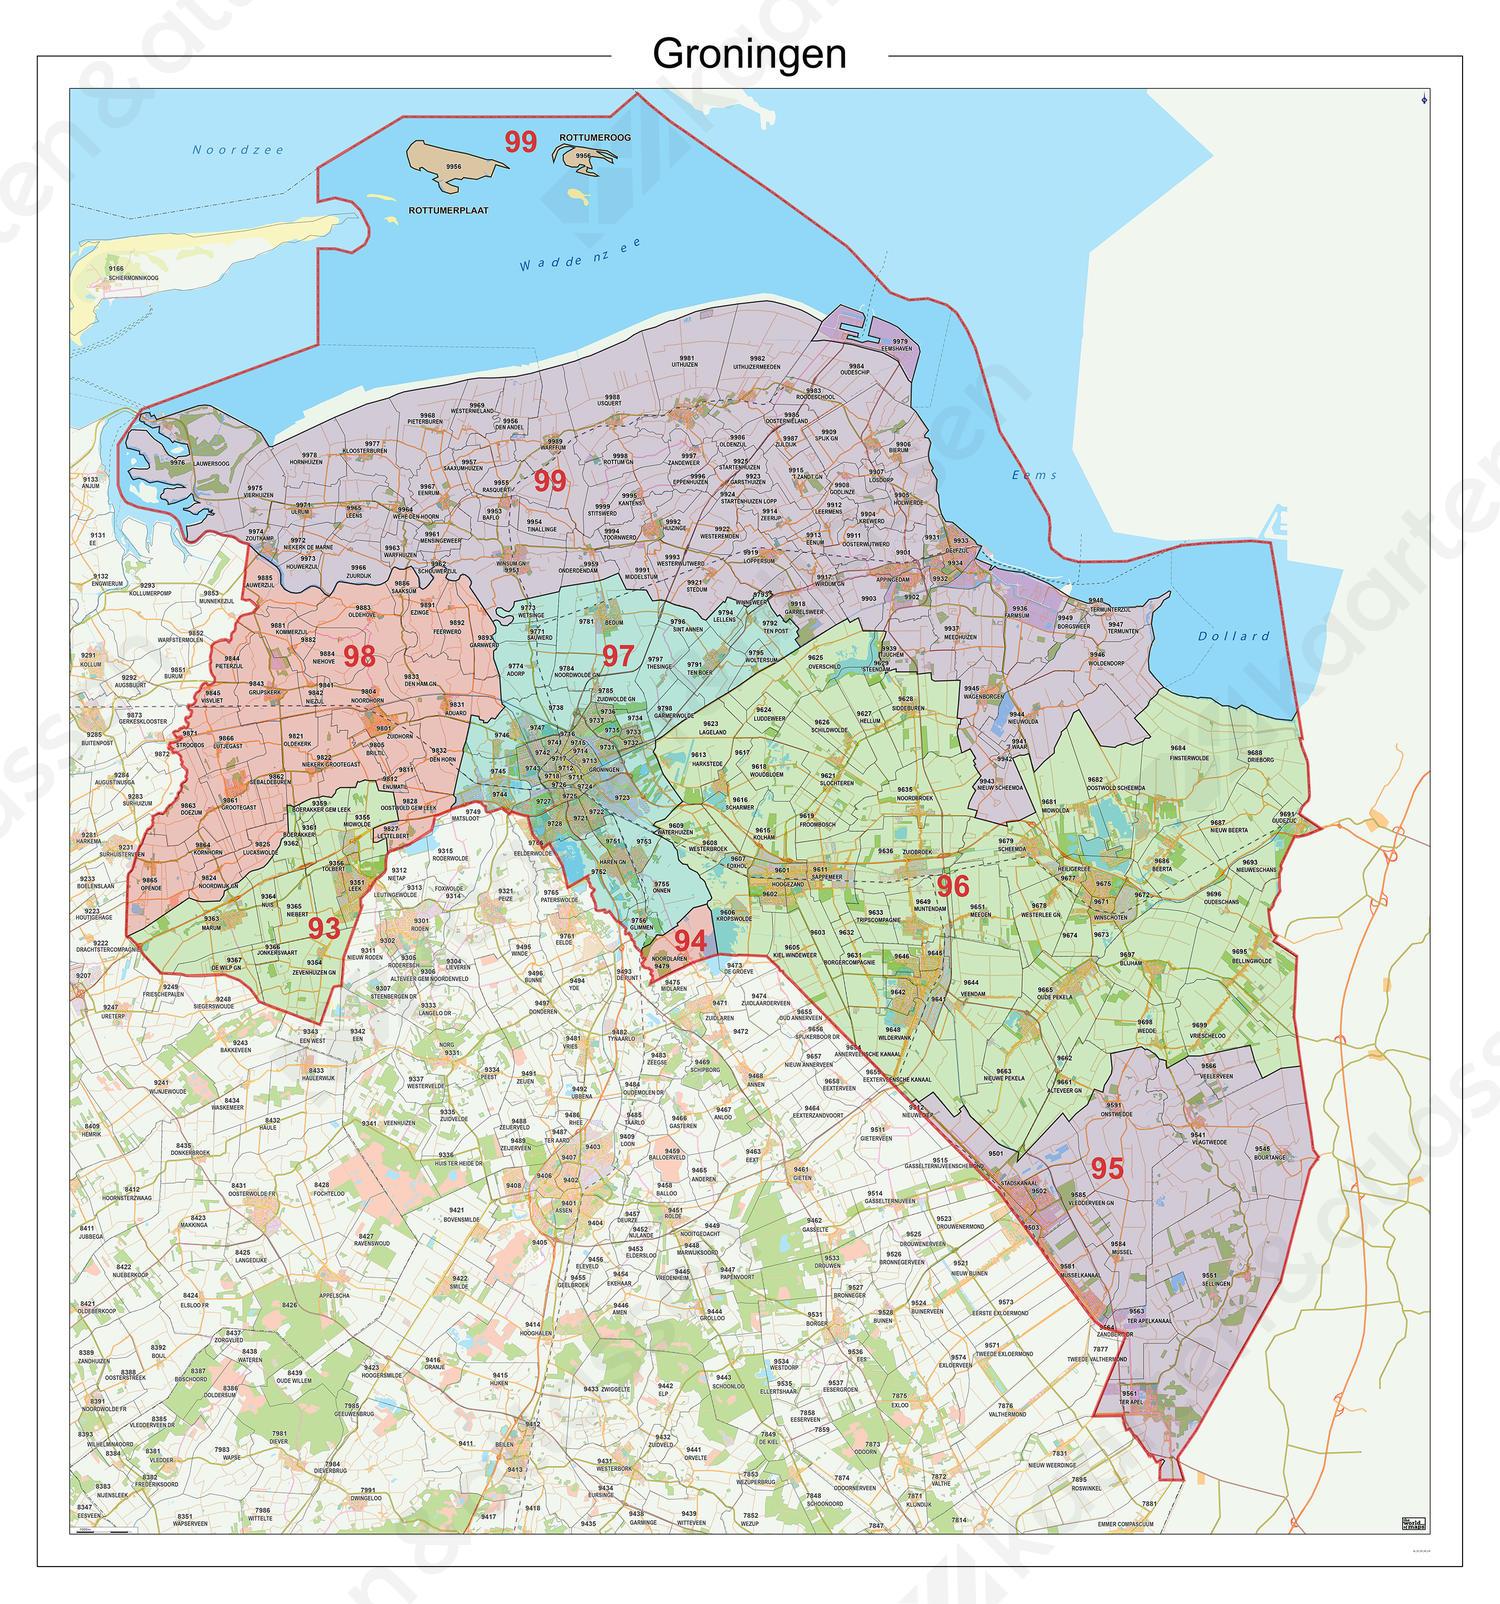 Postcodekaart Provincie Groningen